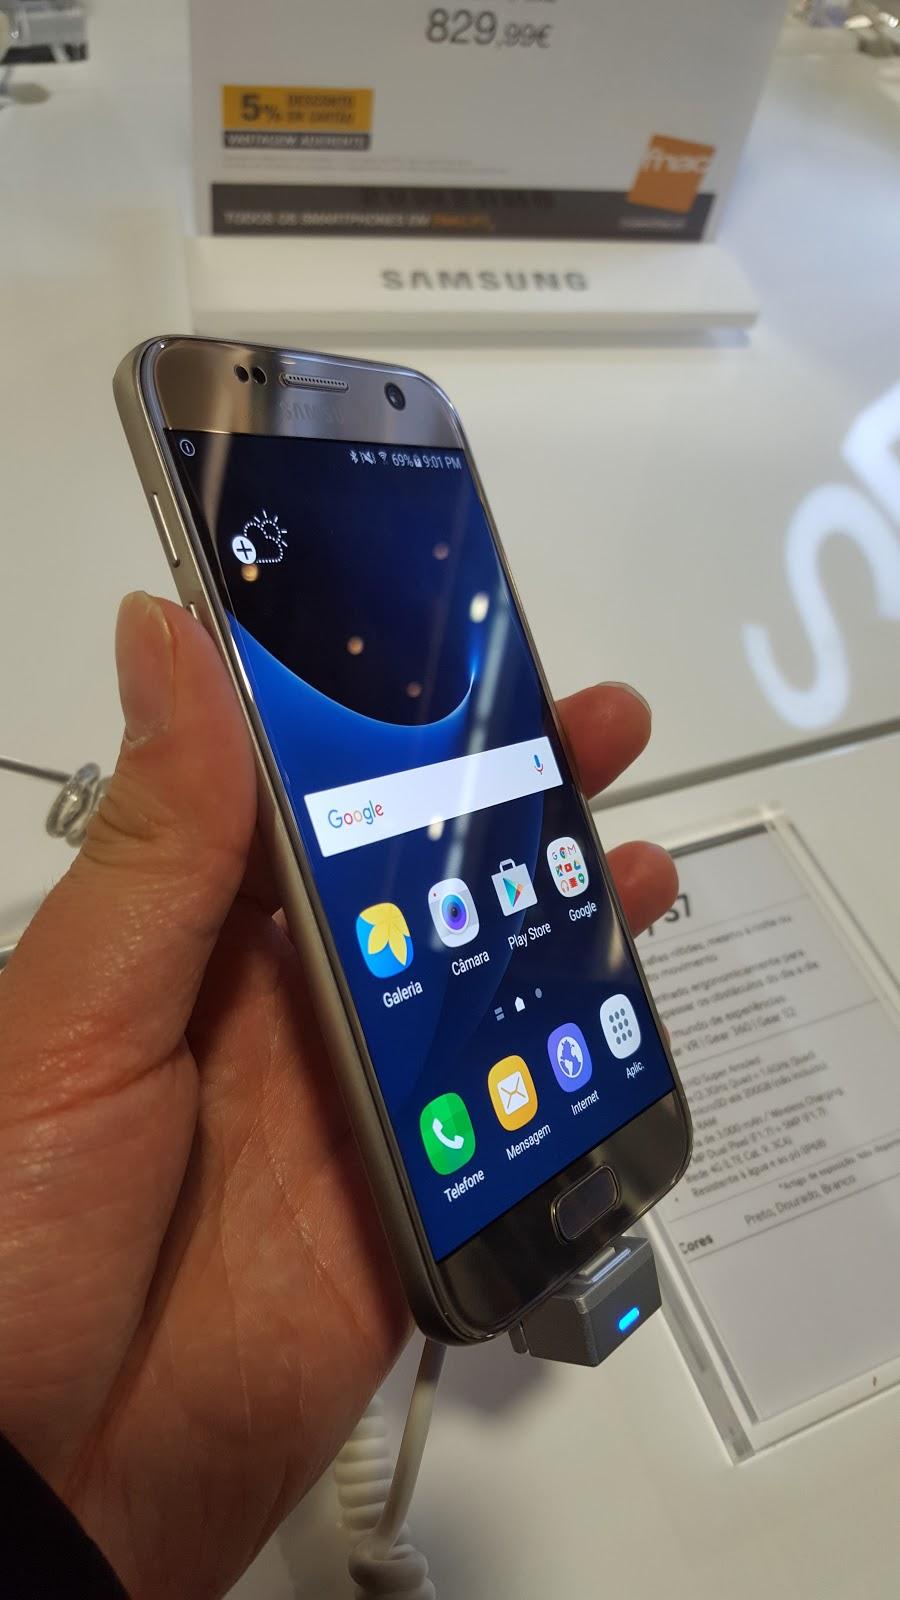 Samsung Galaxy S7 First Impressions - FeedingMobile